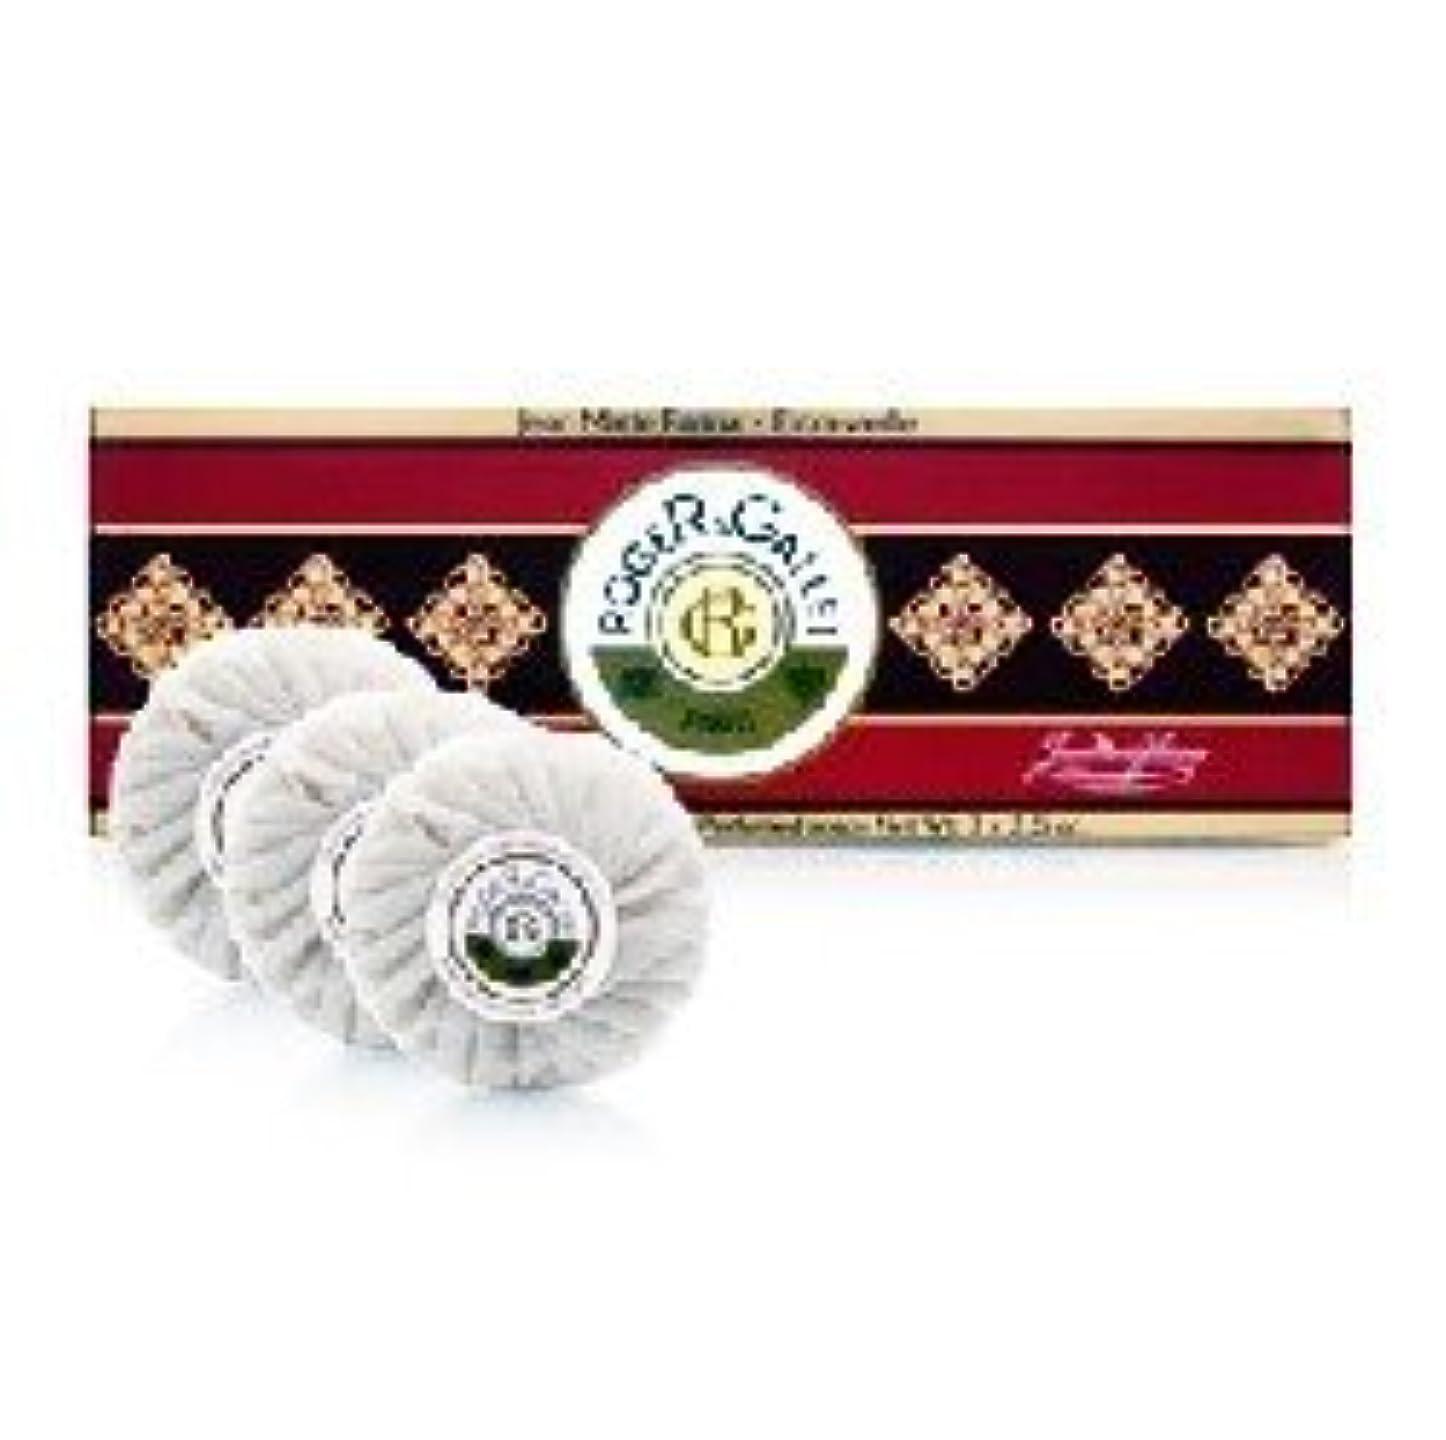 研磨と医薬ロジェガレ ジャンマリーファリナ 香水石鹸3個セット ROGER&GALLET JEAN MARIE FARINA SOAP